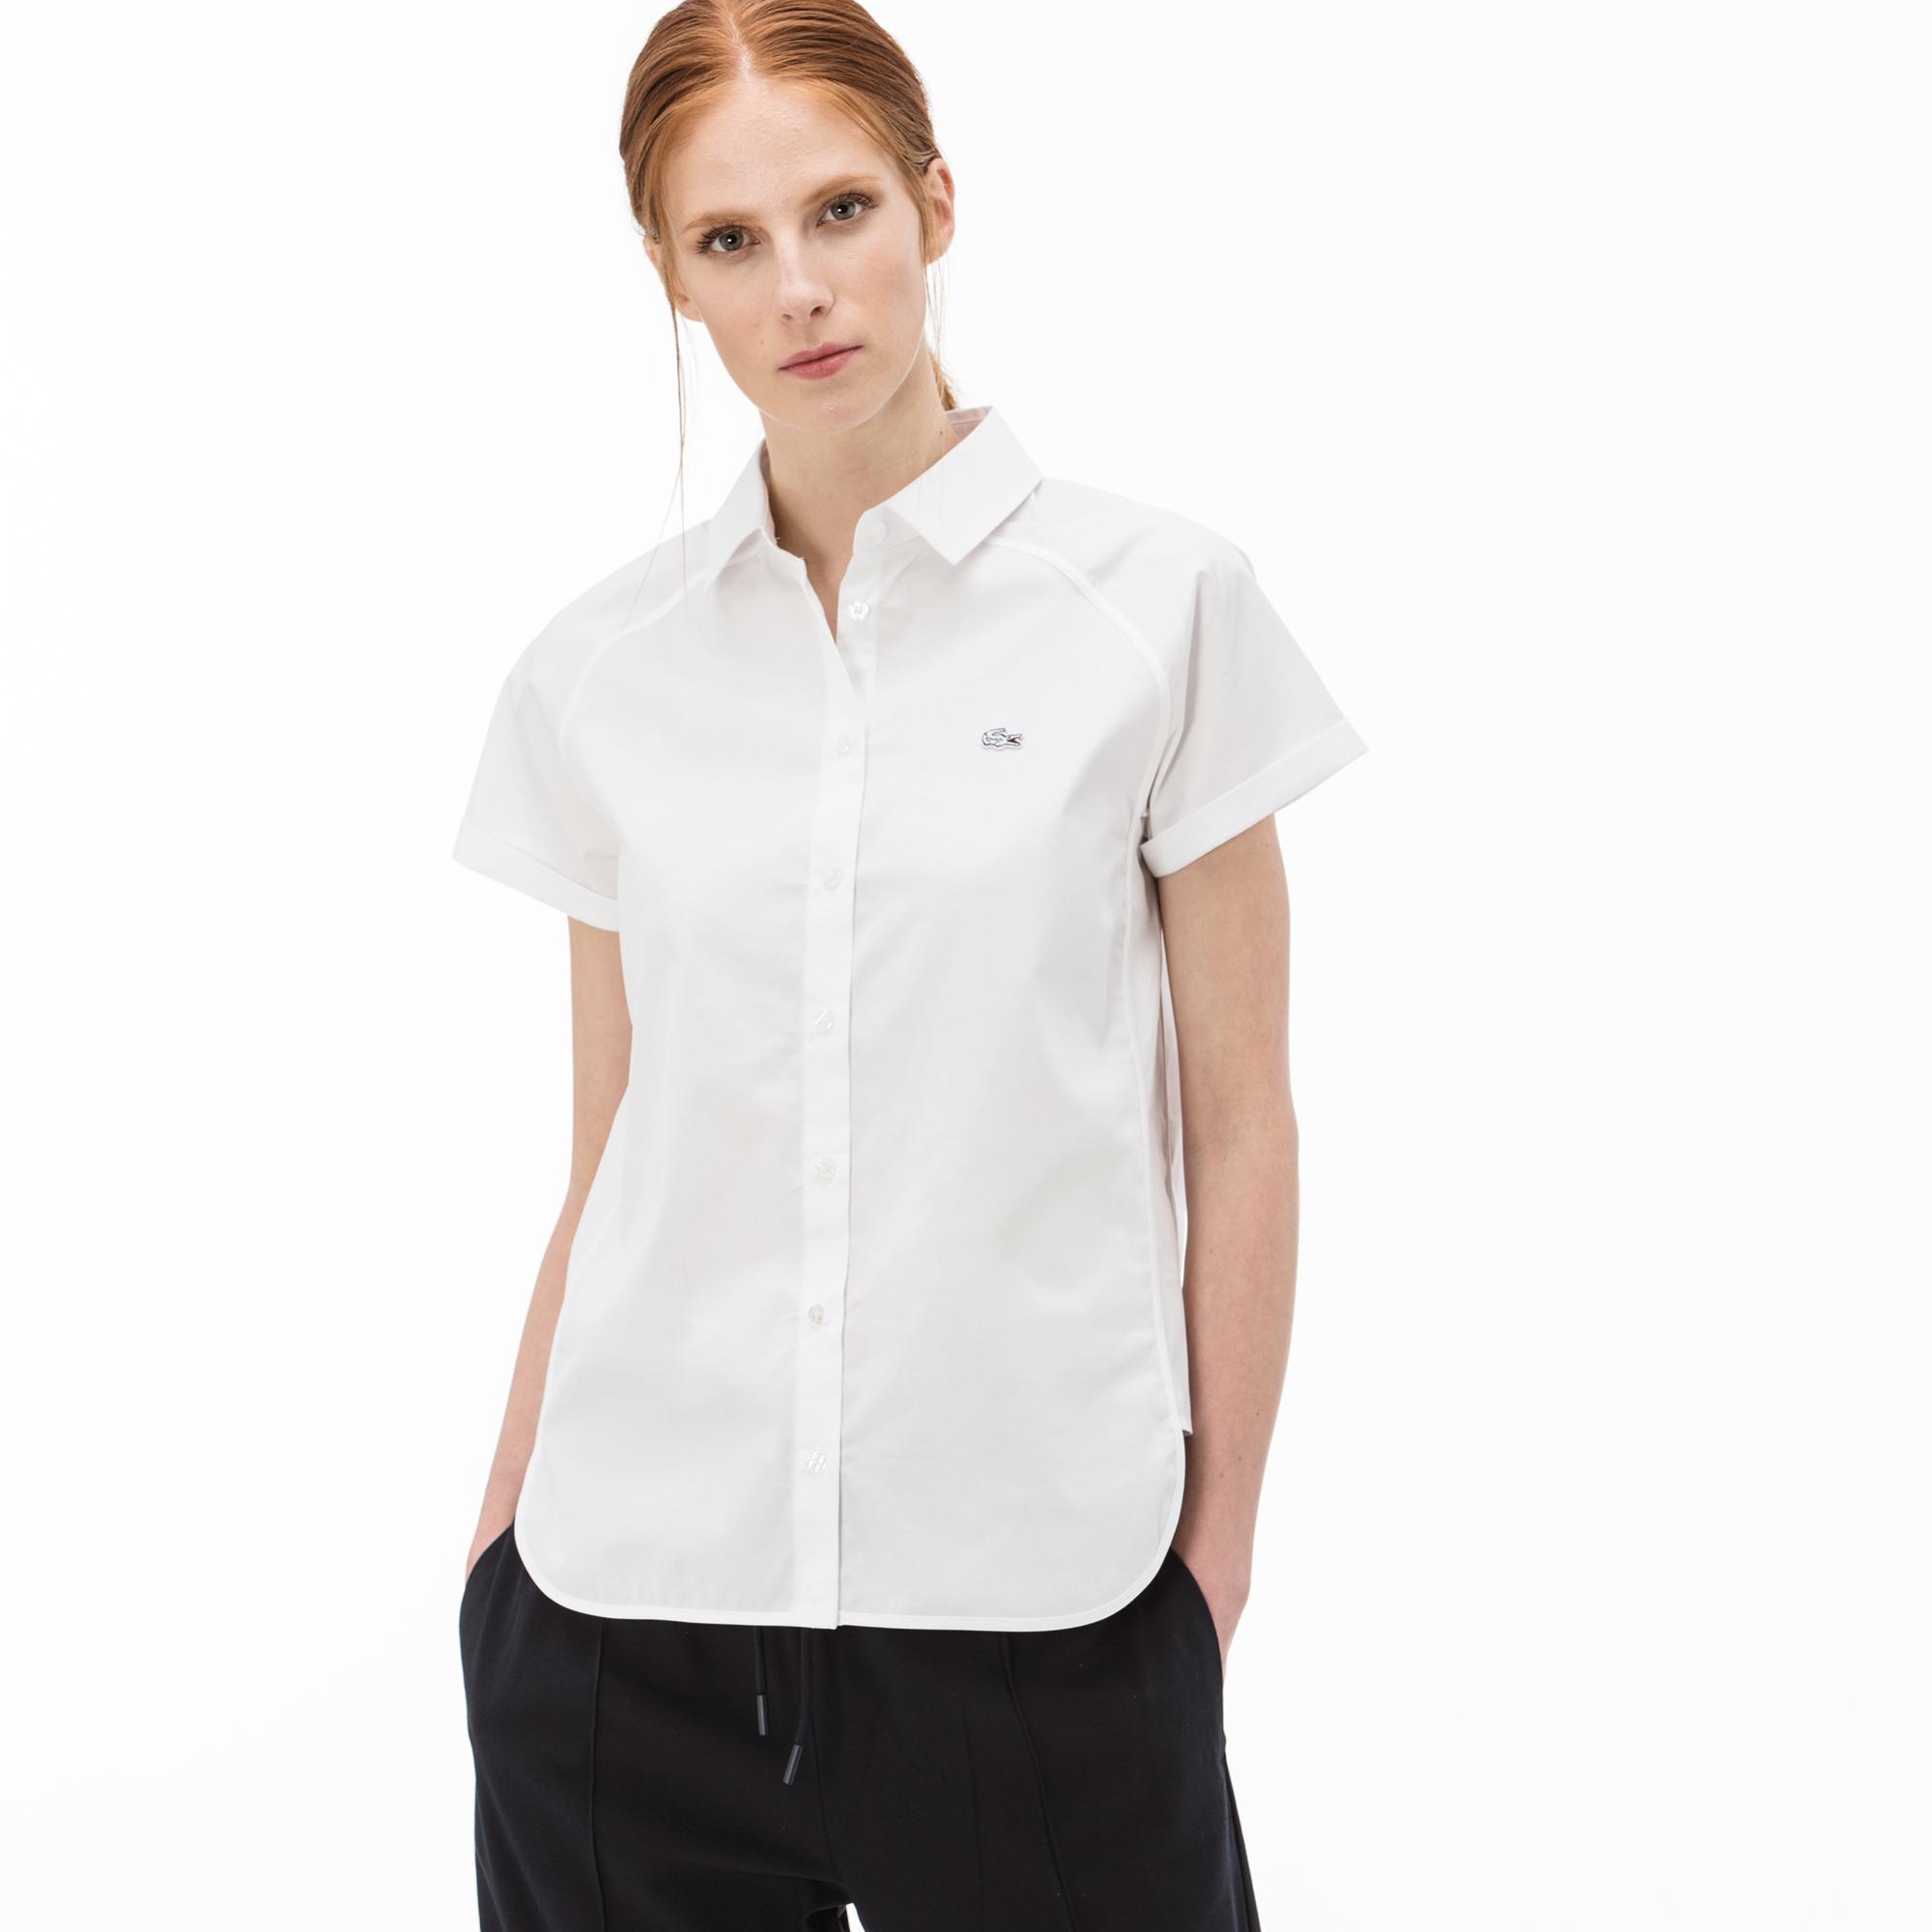 Lacoste Kadın Kısa Kollu Beyaz Gömlek